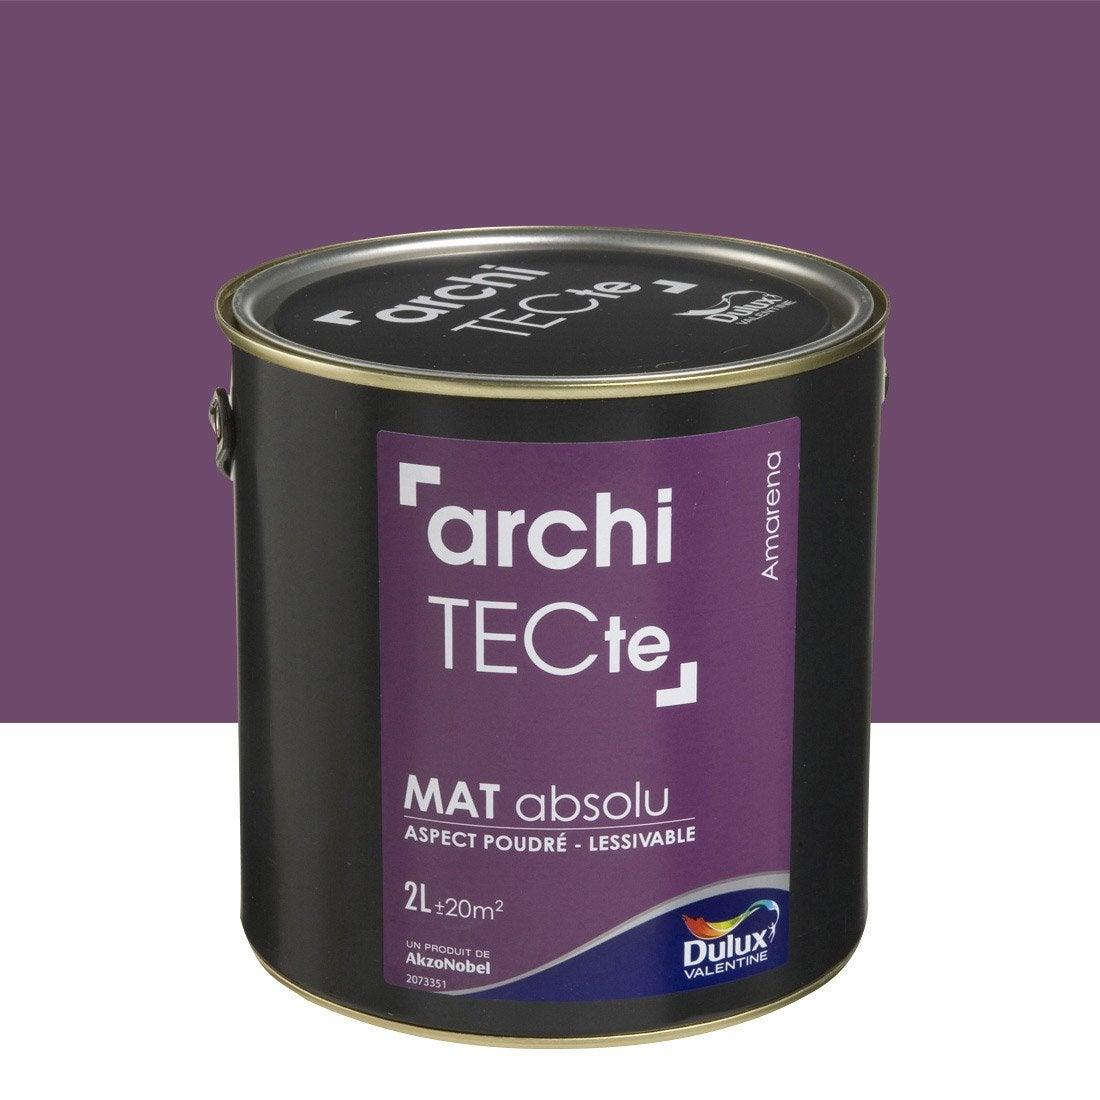 peinture violet amarena dulux valentine architecte 2 l leroy merlin. Black Bedroom Furniture Sets. Home Design Ideas